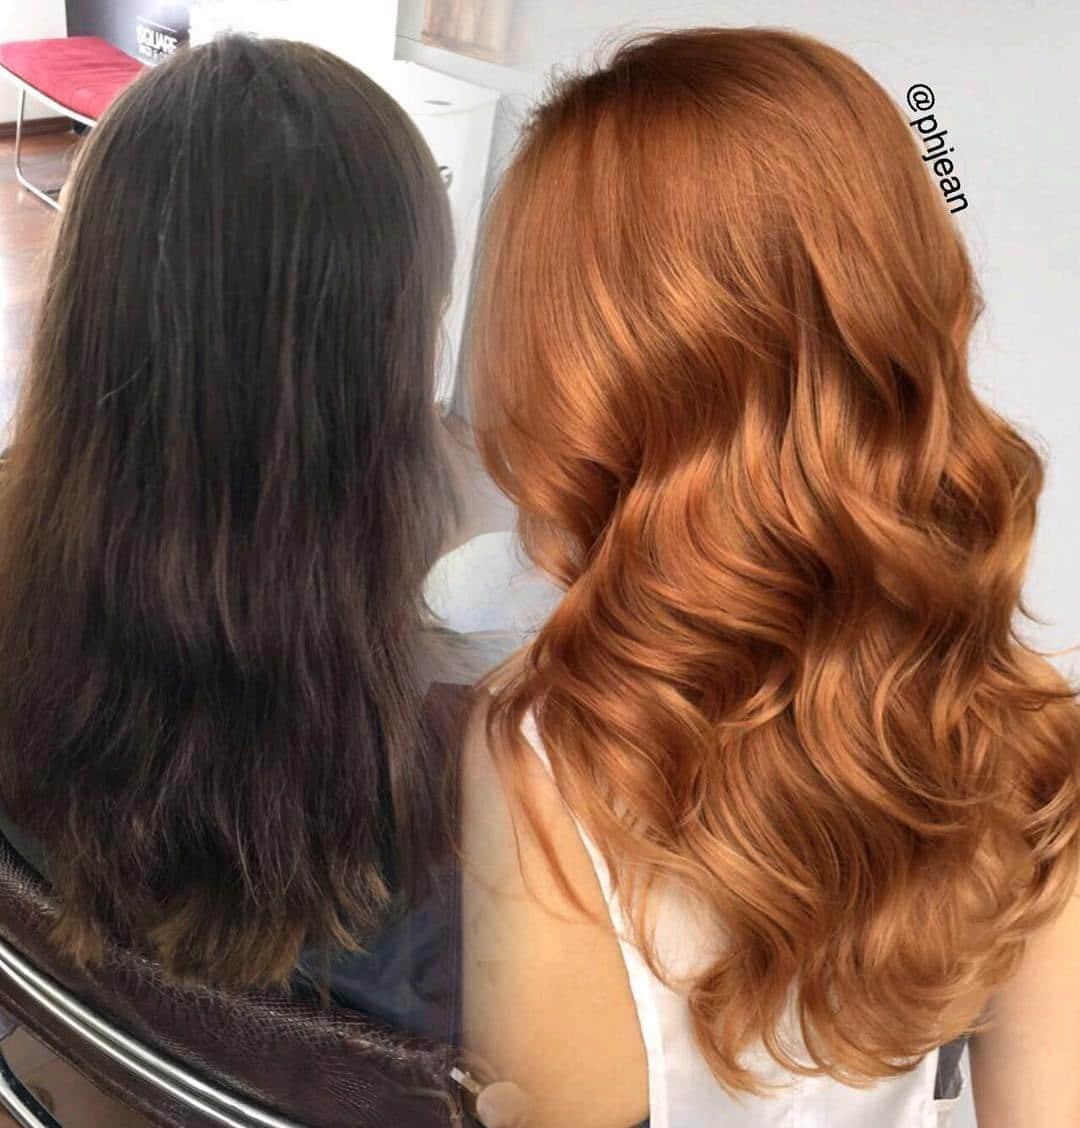 преображение волос